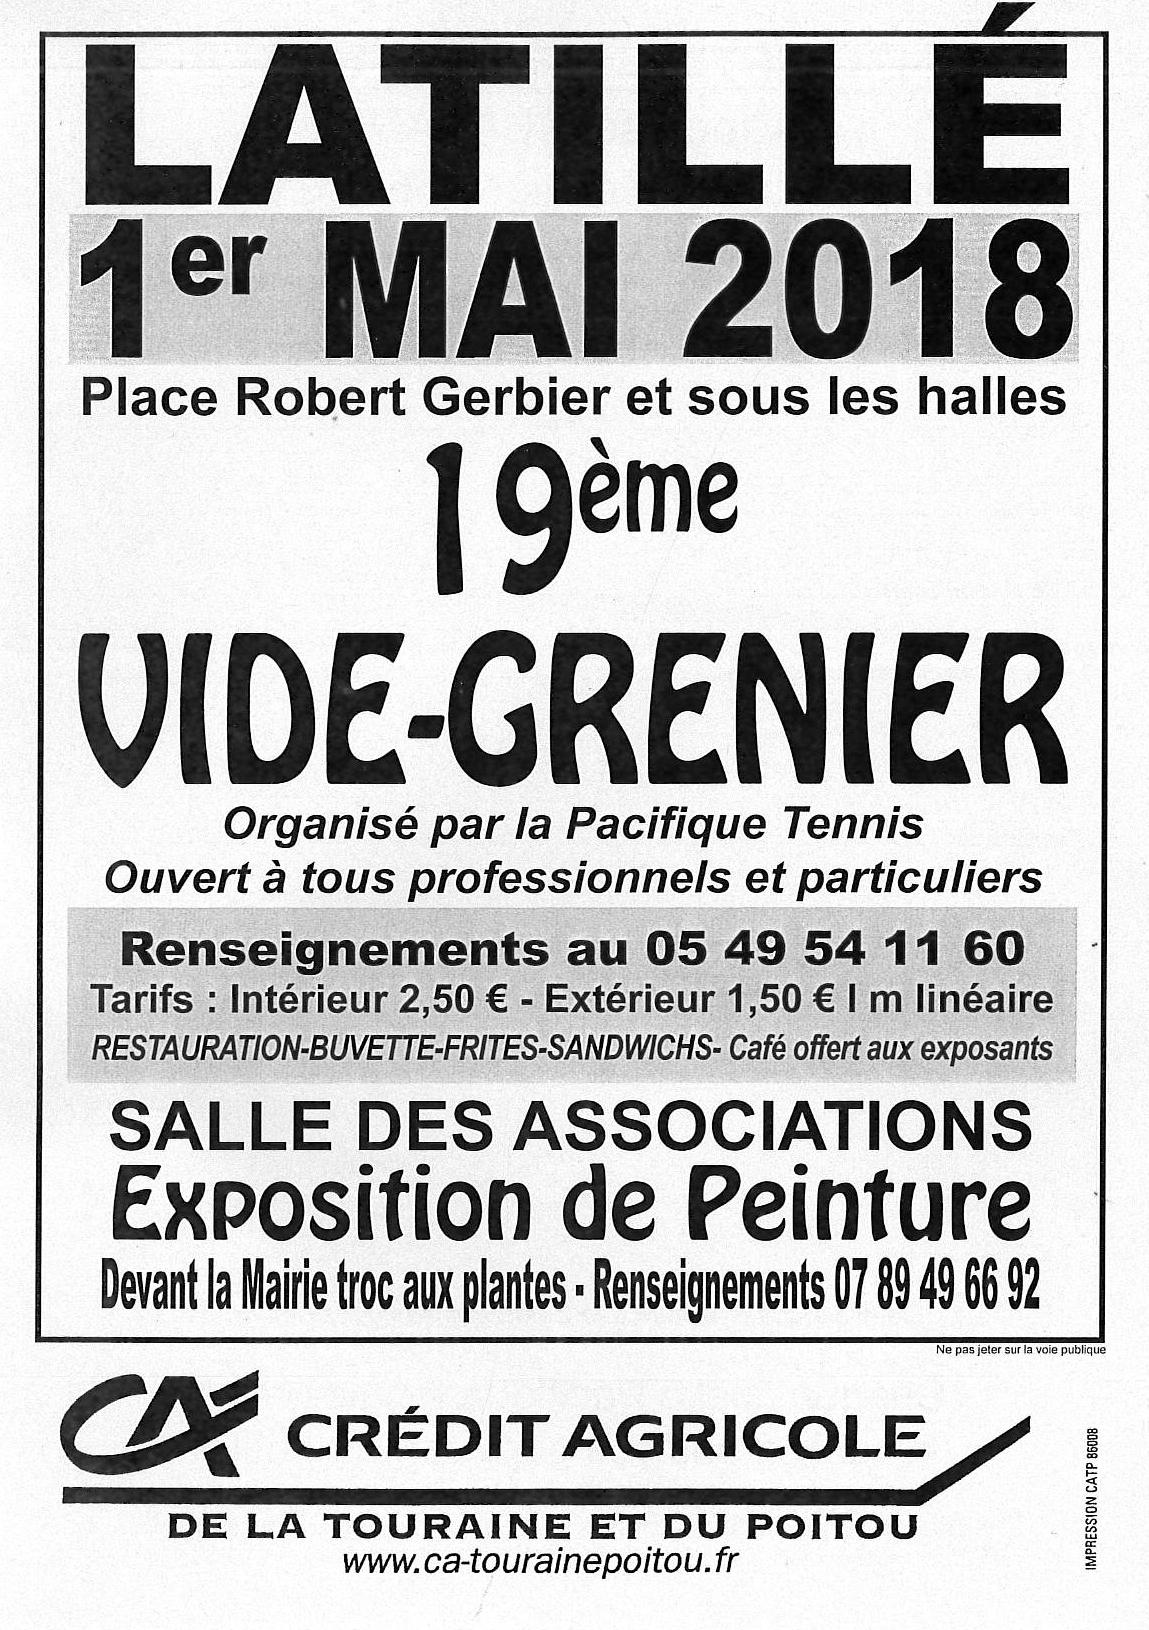 Vide Grenier Latillé 2018